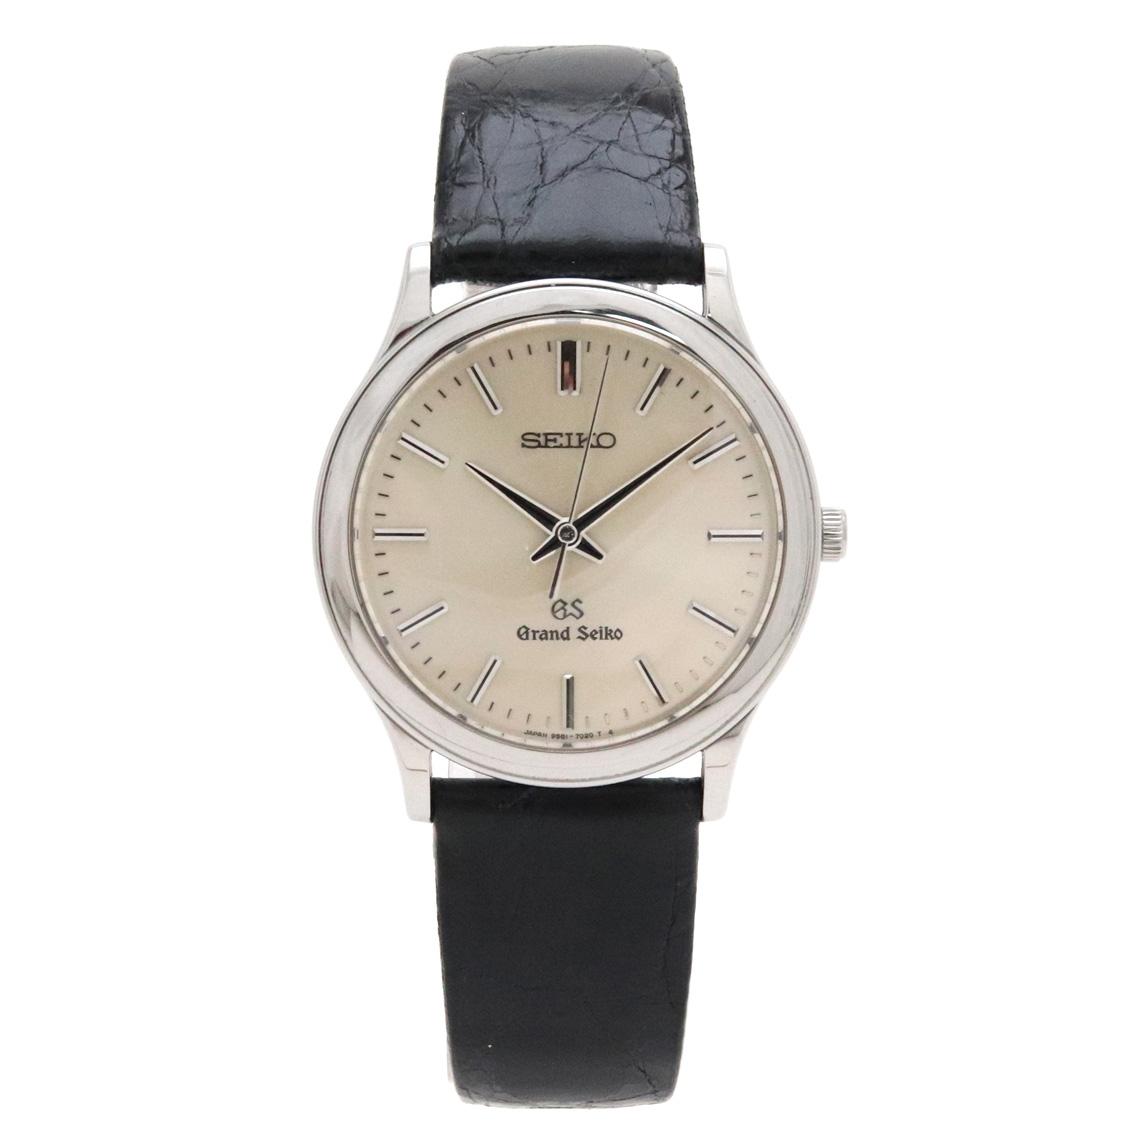 メンズ 交換無料 ブランド 腕時計 アクセサリー ウォッチ SEIKO セイコー GRANDSEIKO 中古 9581-7020 SS 待望 クォーツ SBGS009 シルバー文字盤 グランドセイコー GS